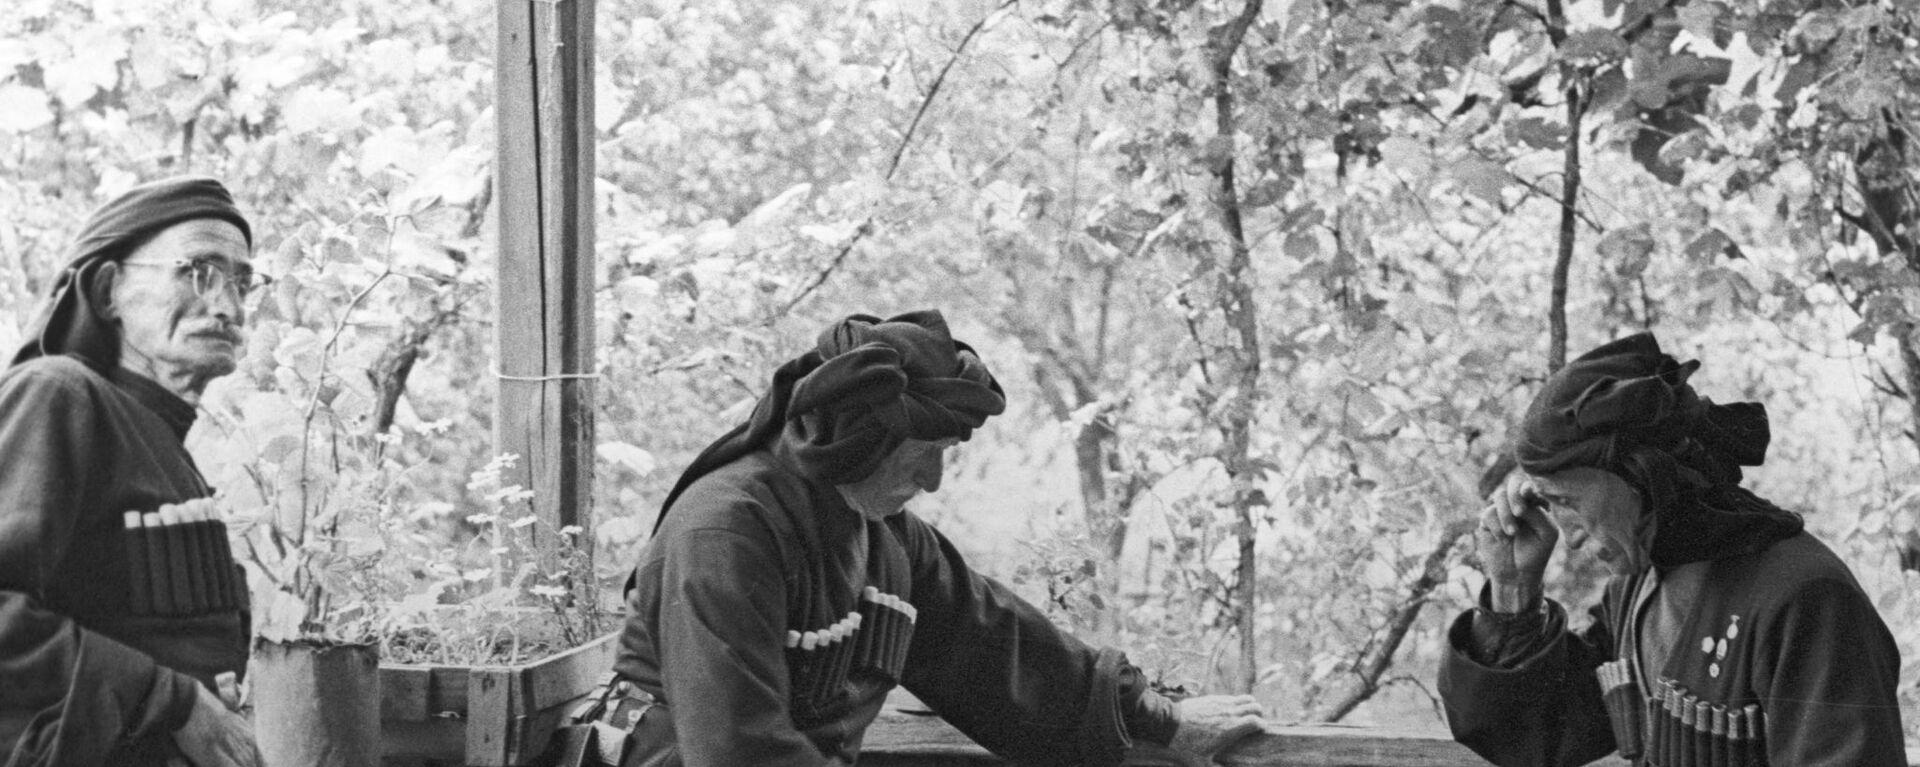 Долгожители из абхазского села Джерда - Sputnik Аҧсны, 1920, 23.01.2021